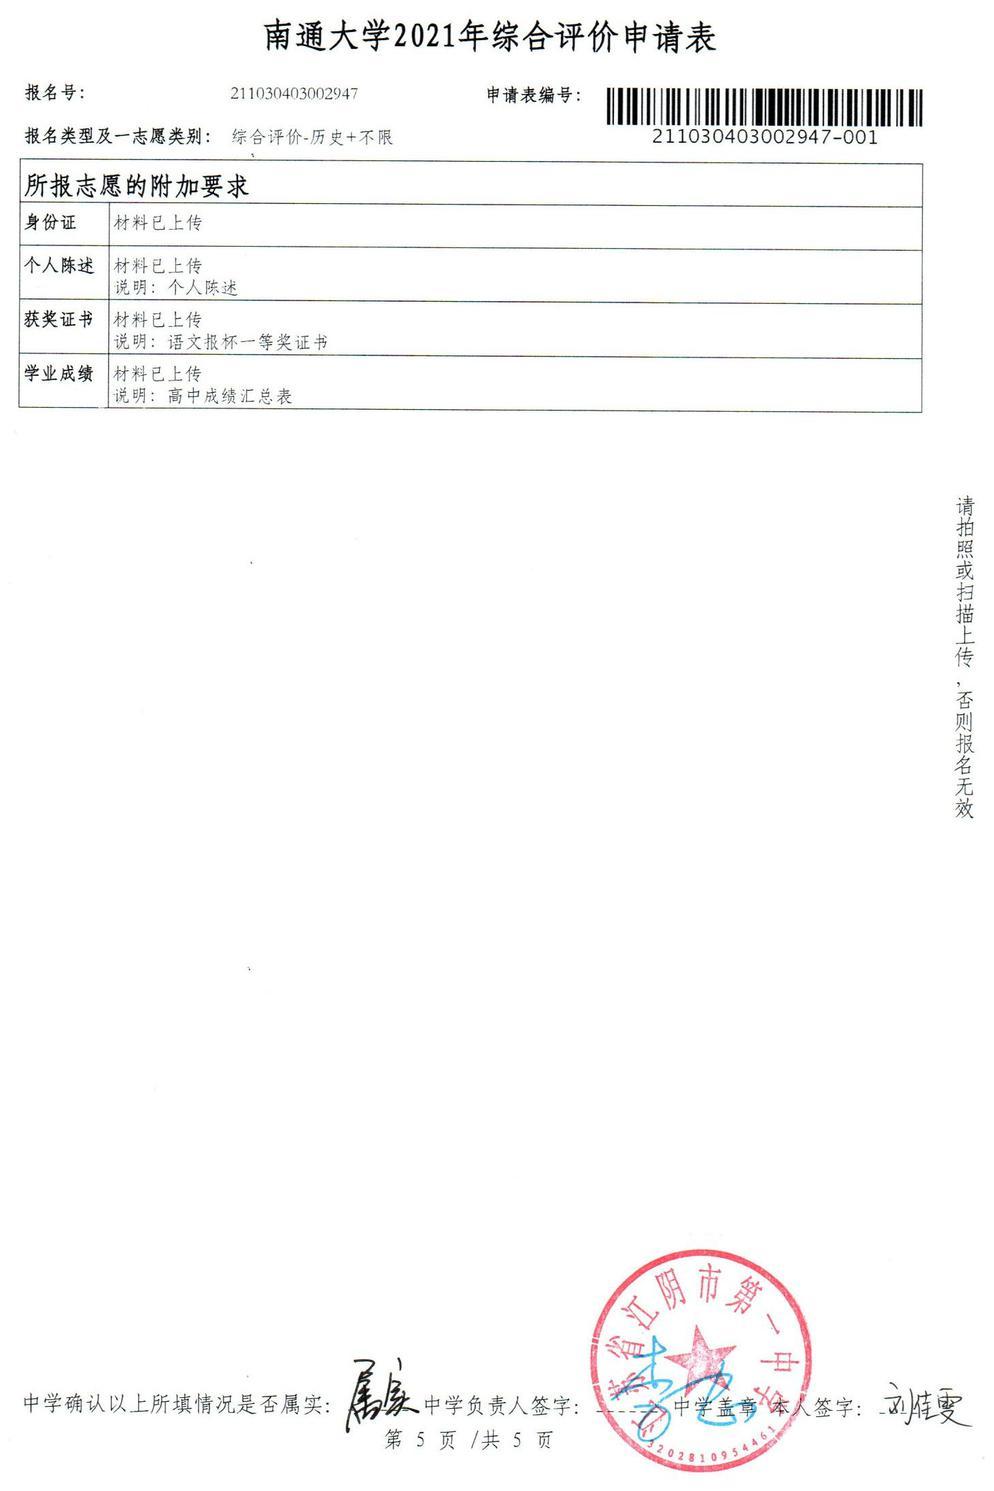 申请表5.jpg